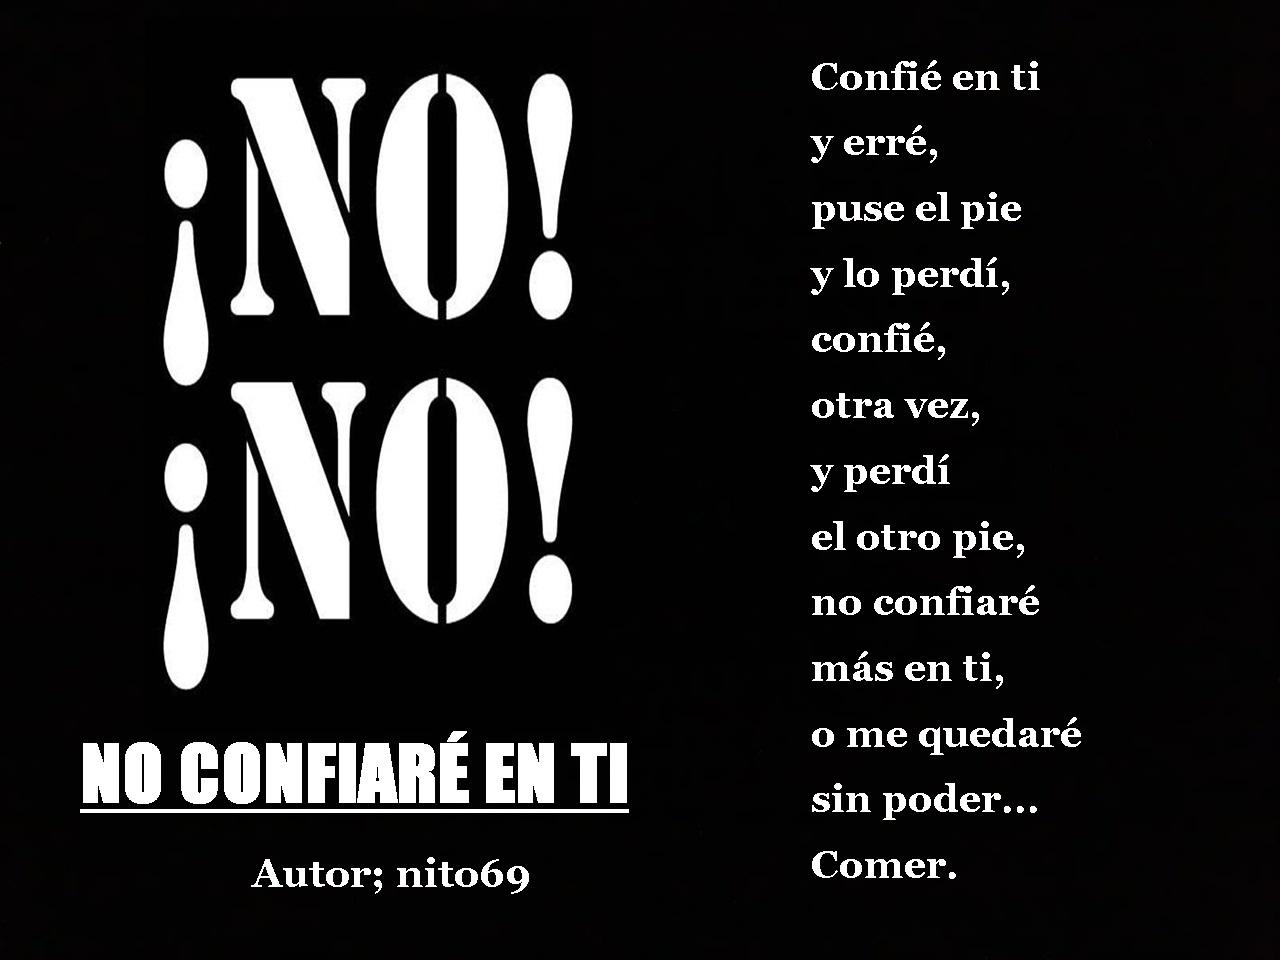 NO CONFIARÉ EN TI